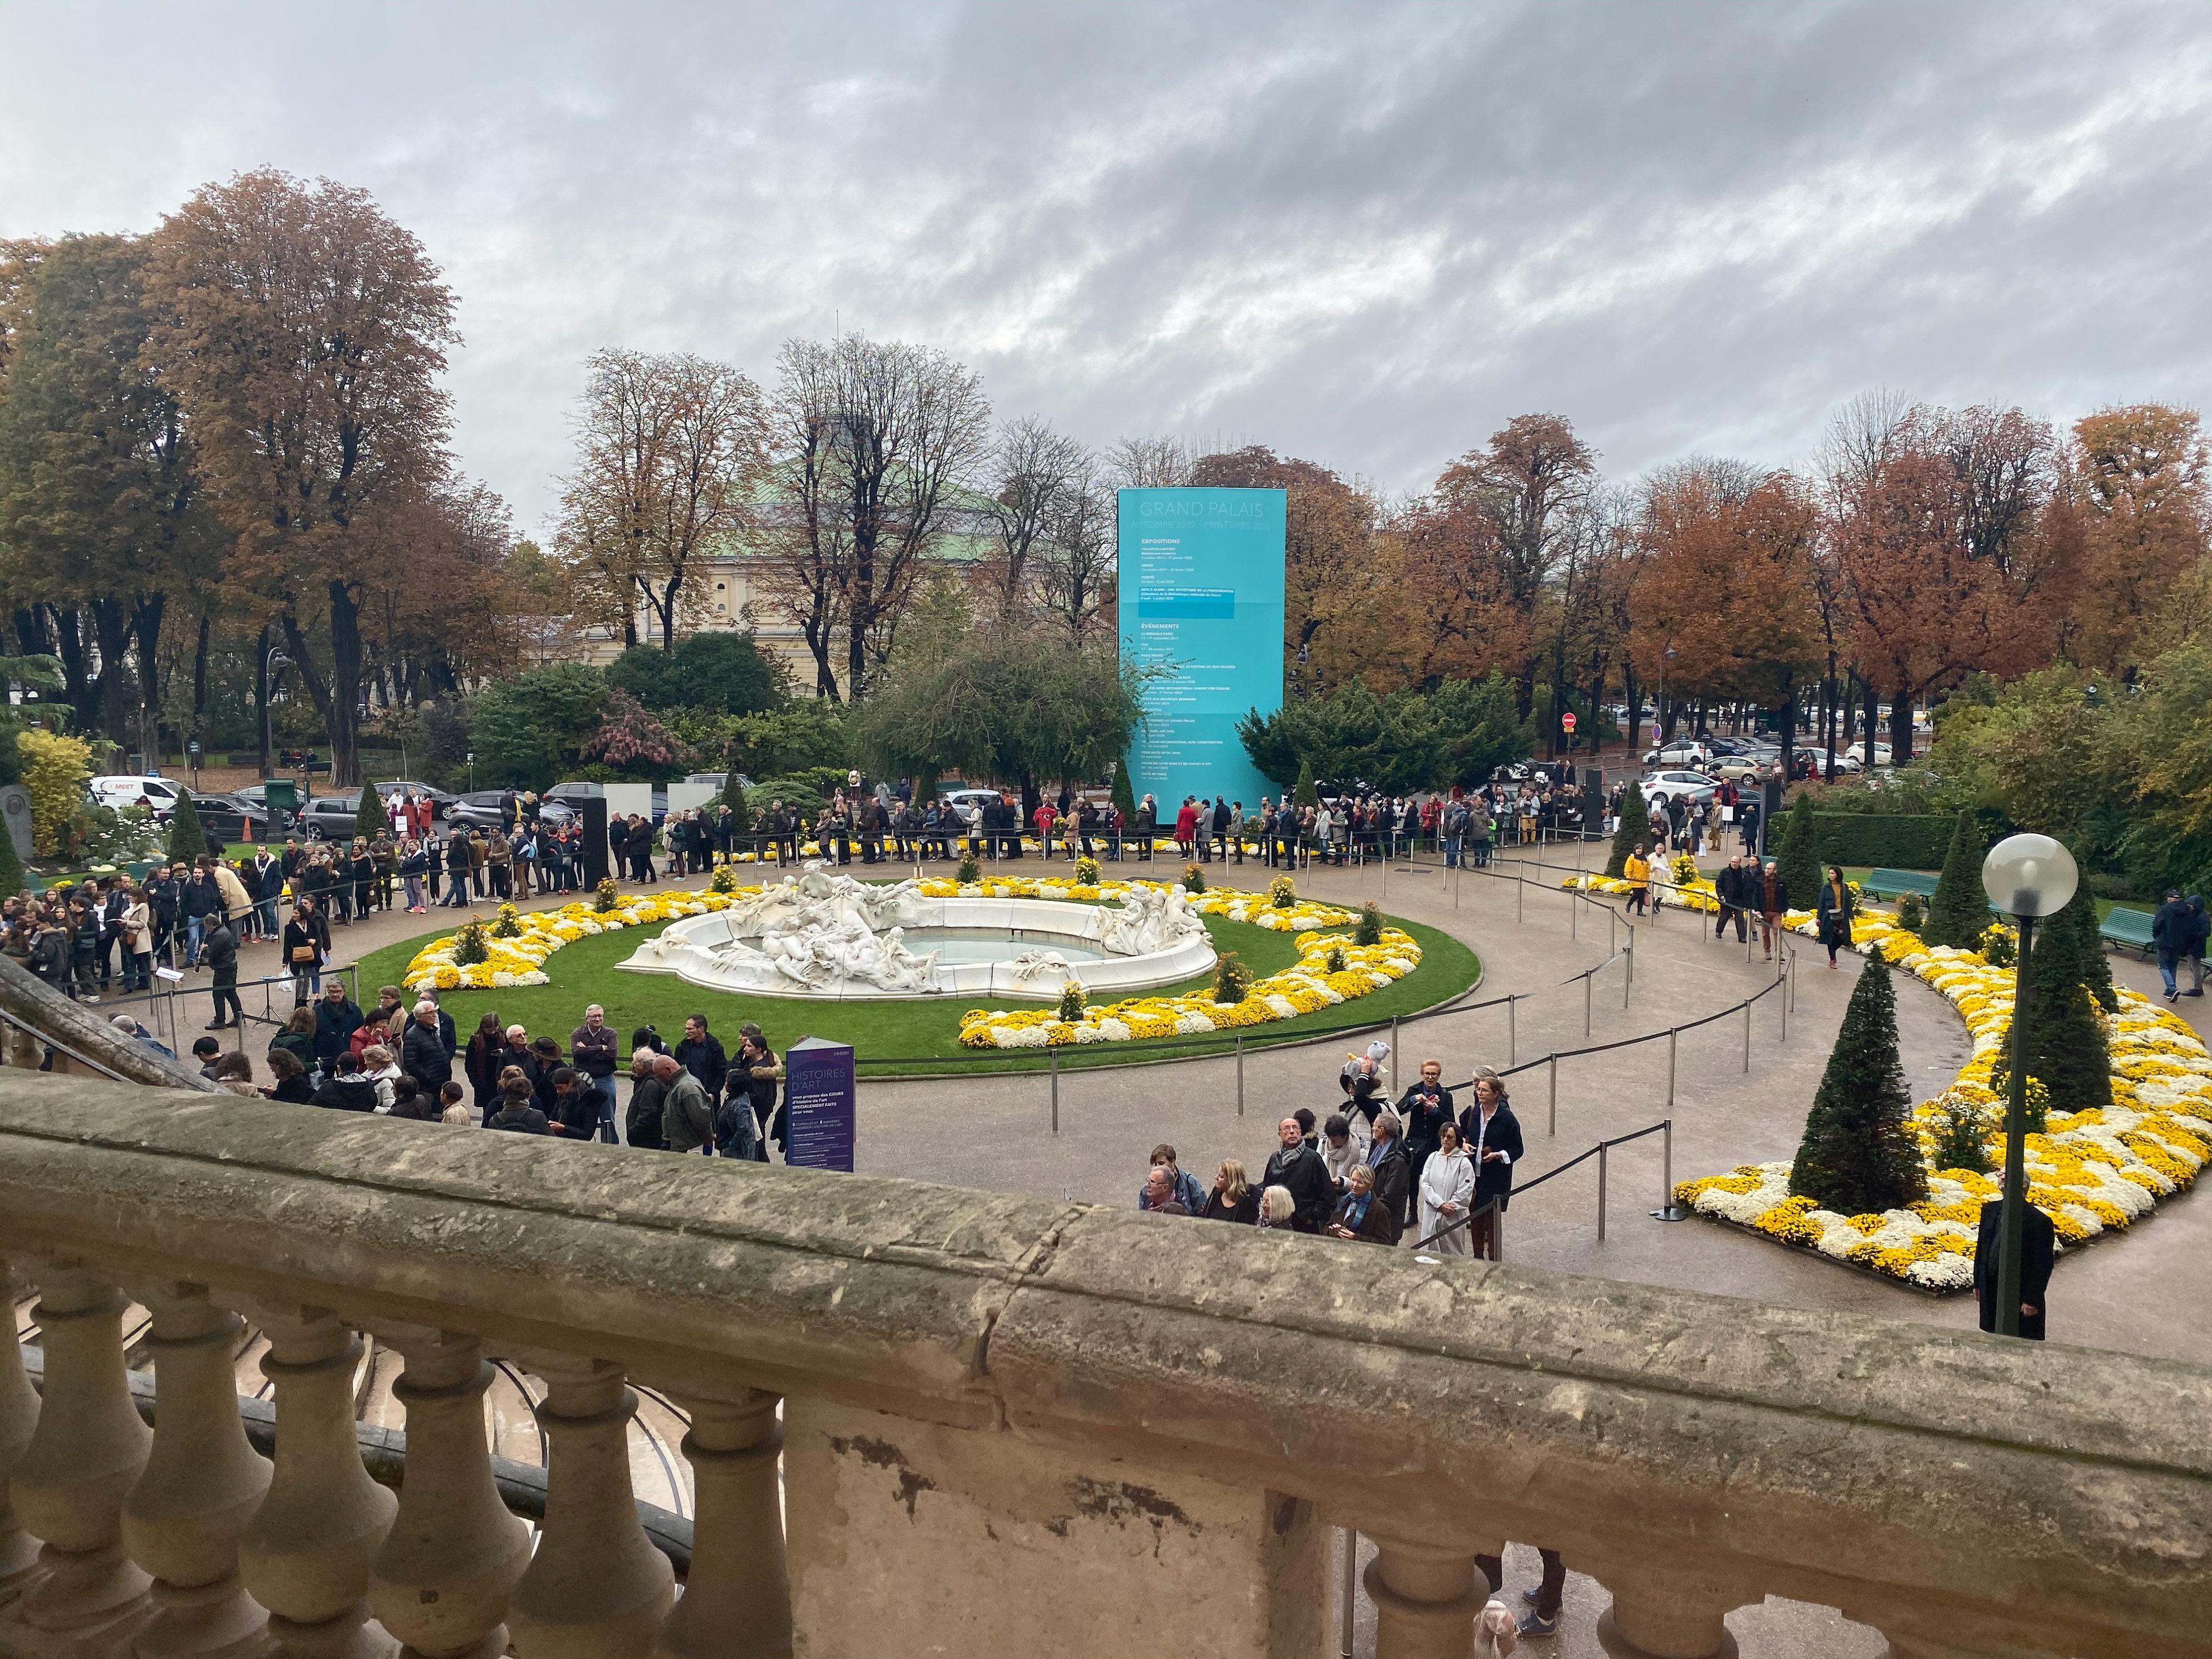 Toulouse-Lautrec im Grand Palais 2019/20 Besucherschlange